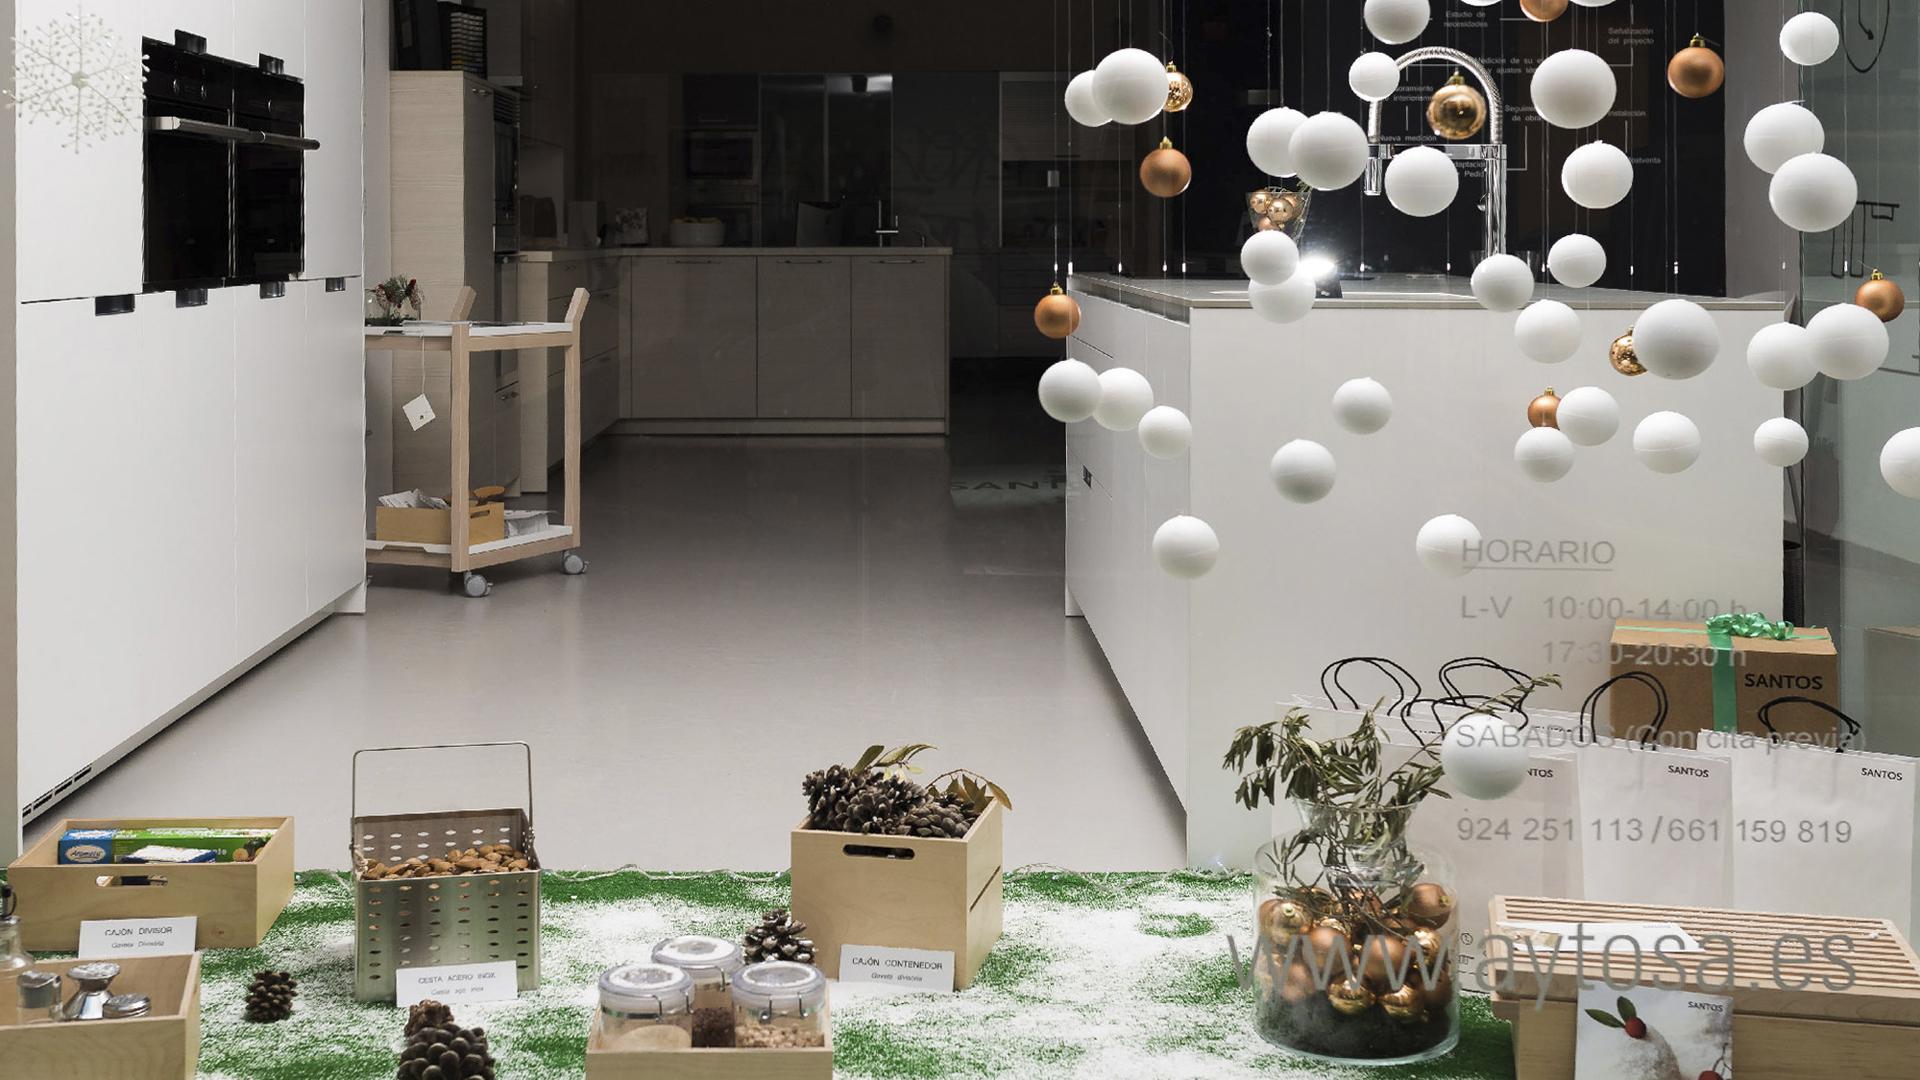 Aytosa Tienda De Cocinas Santos En Badajoz Presenta Su